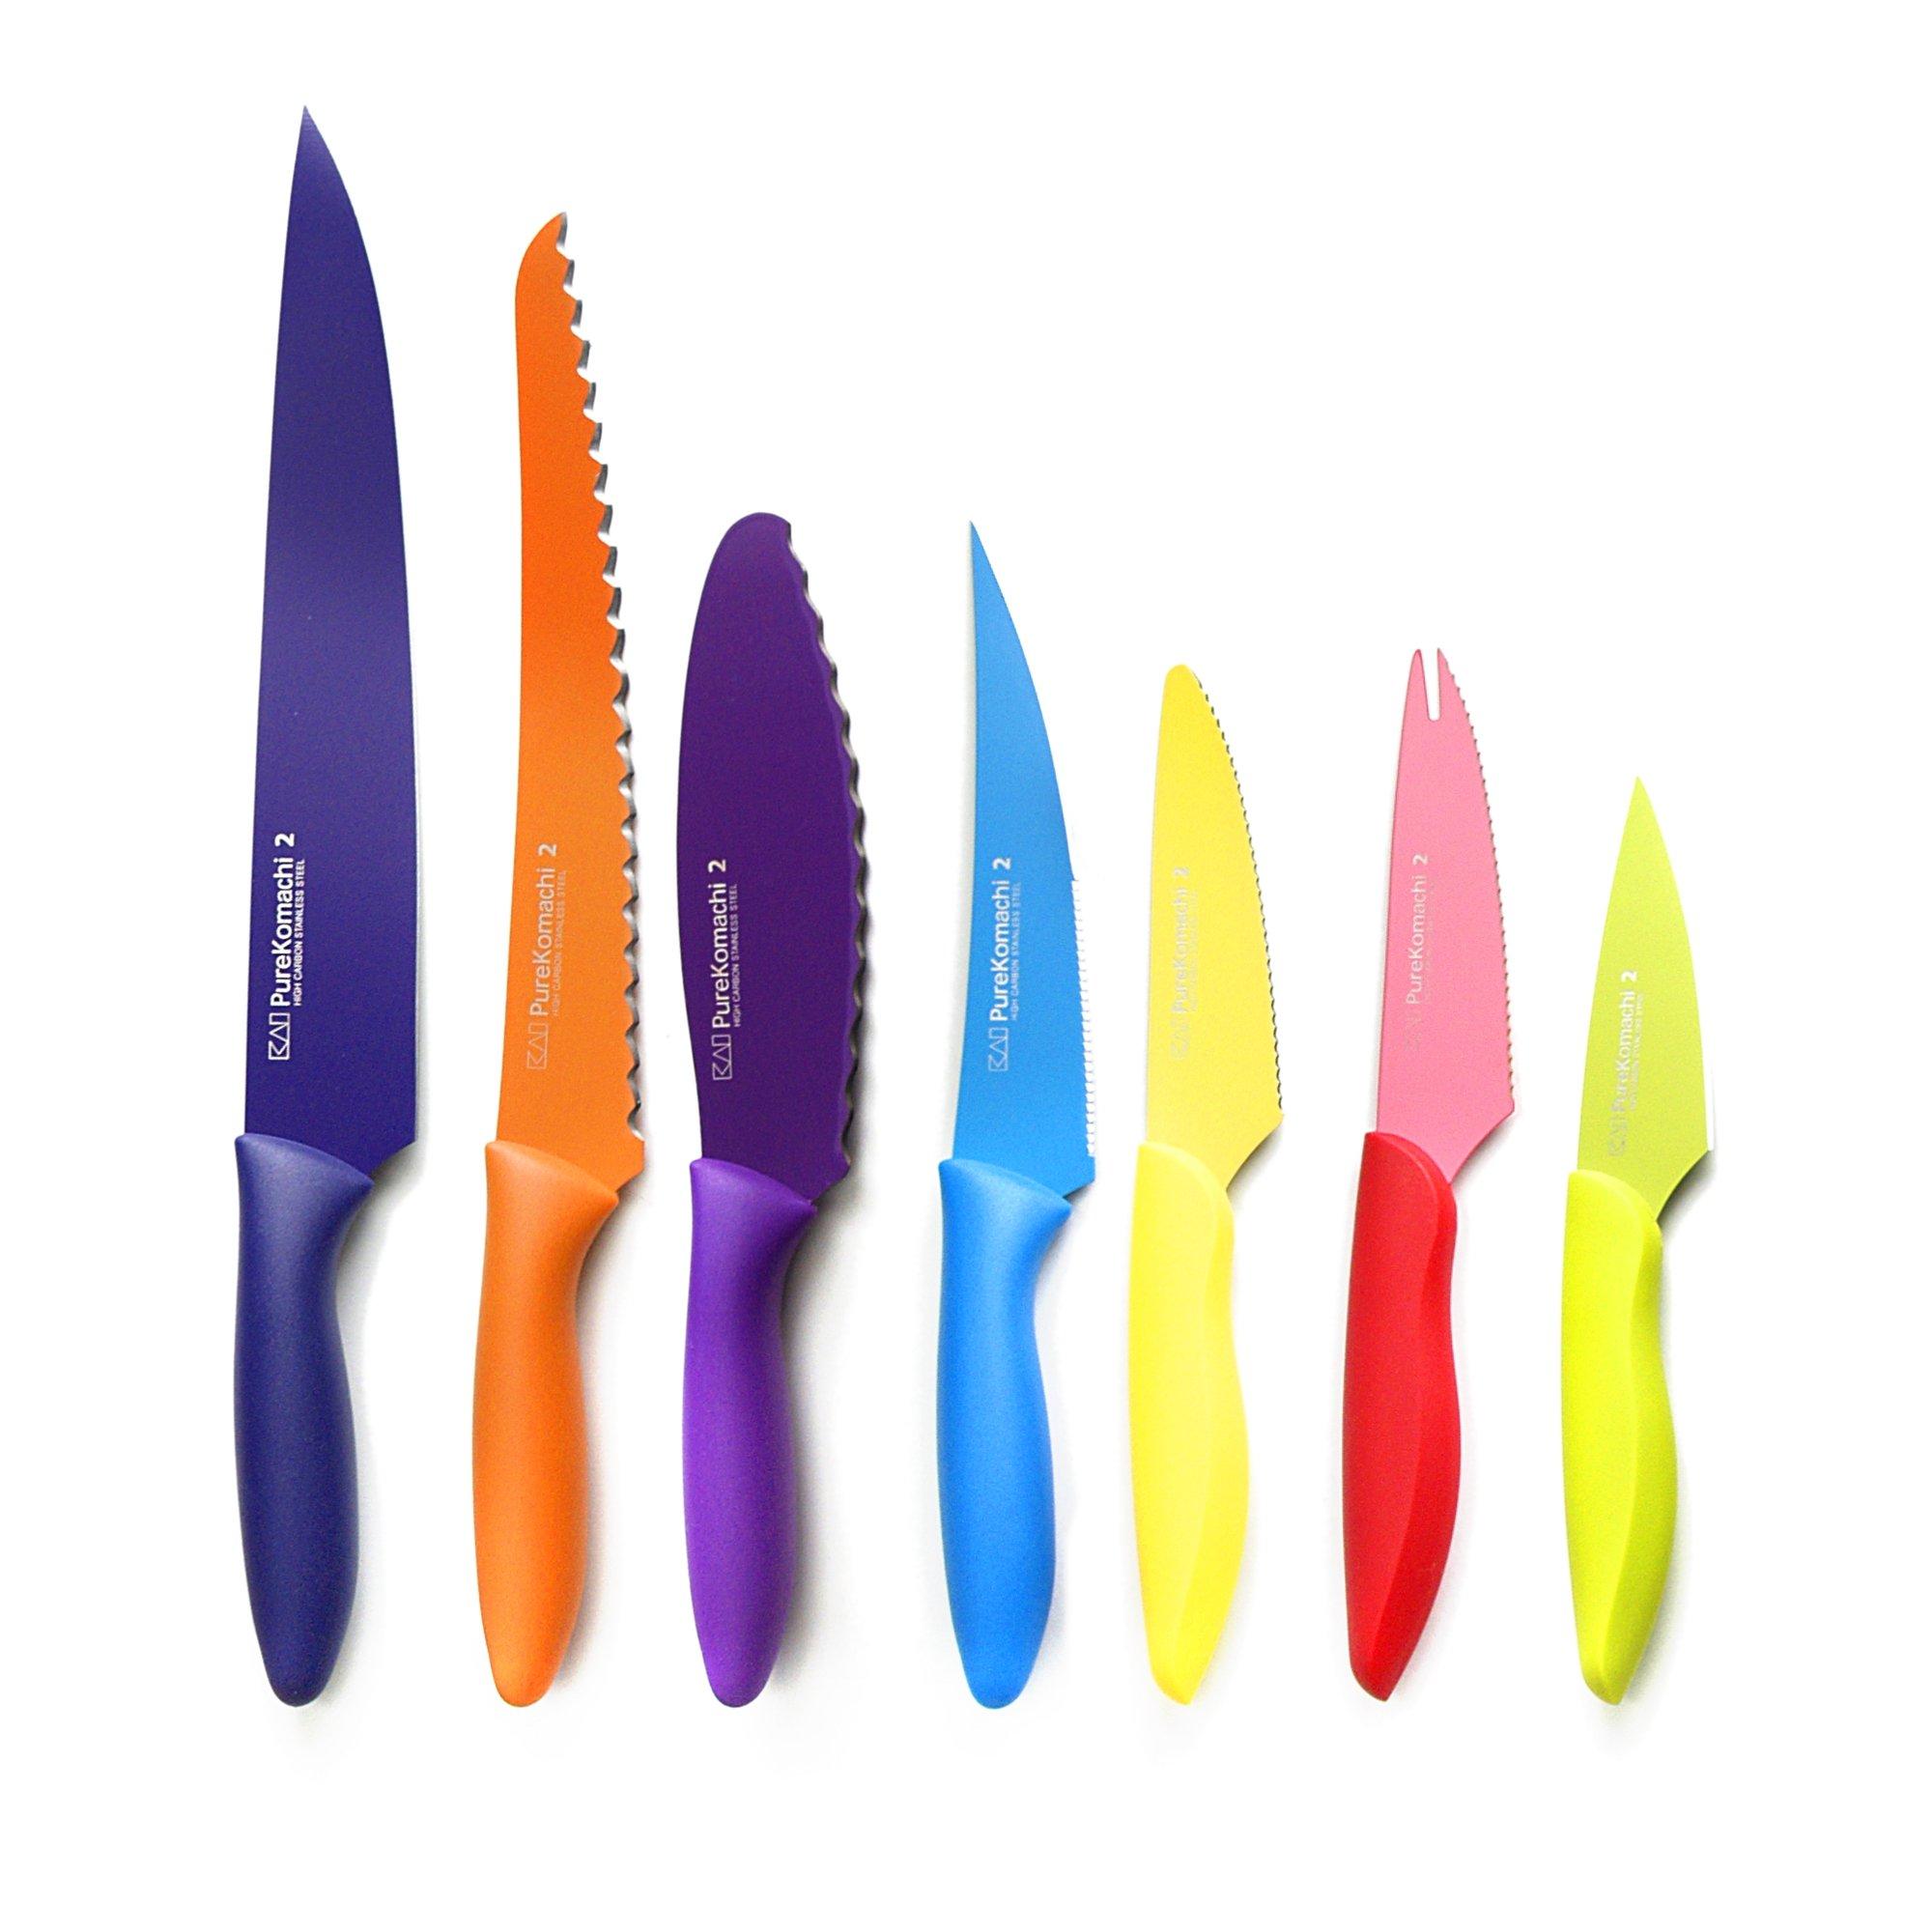 Kai Pure Komachi 2 Stainless Steel 7 Piece Knife Set